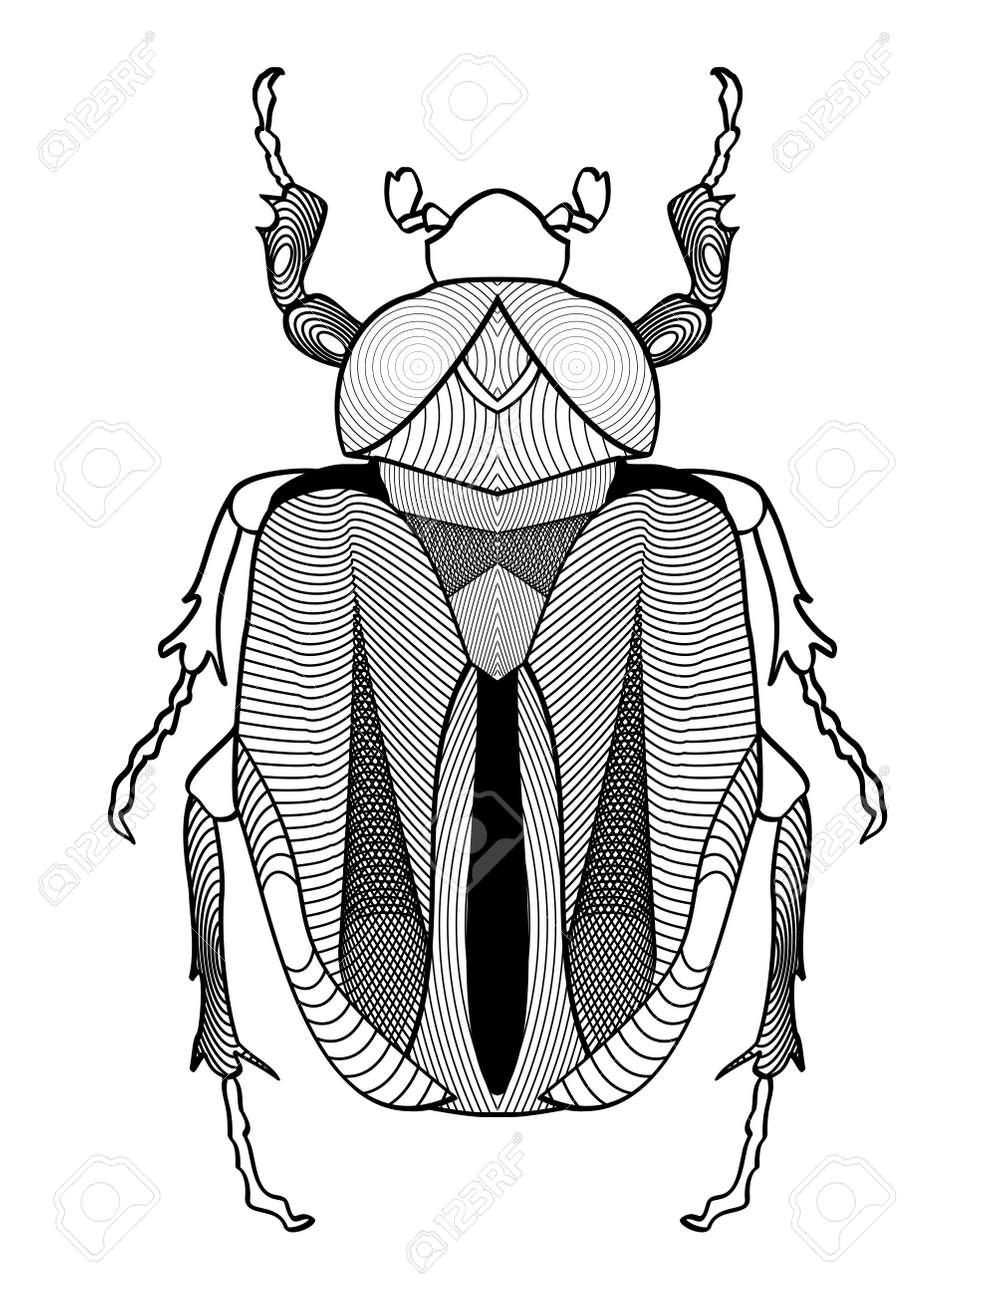 Kalli Käfer Zeichnung In Schwarz Und Weiß. Beetle Form Mit ...